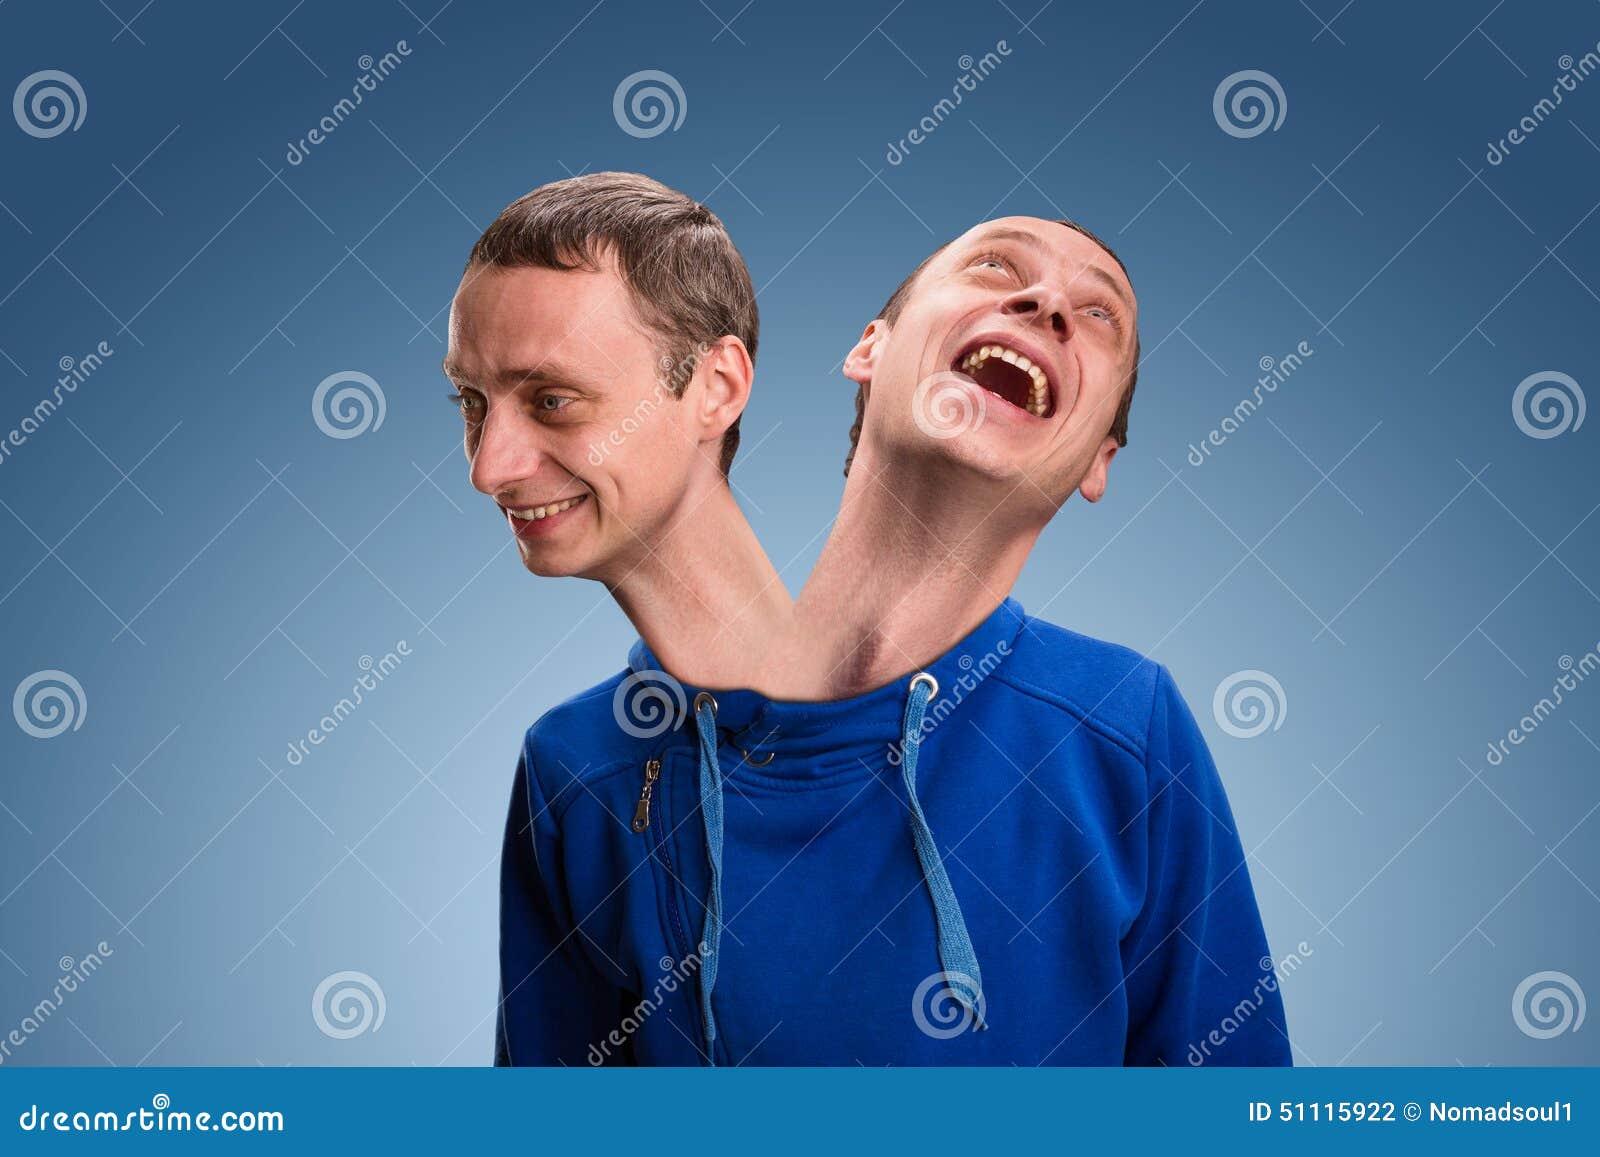 Hombre con dos cabezas foto de archivo. Imagen de emocional - 51115922